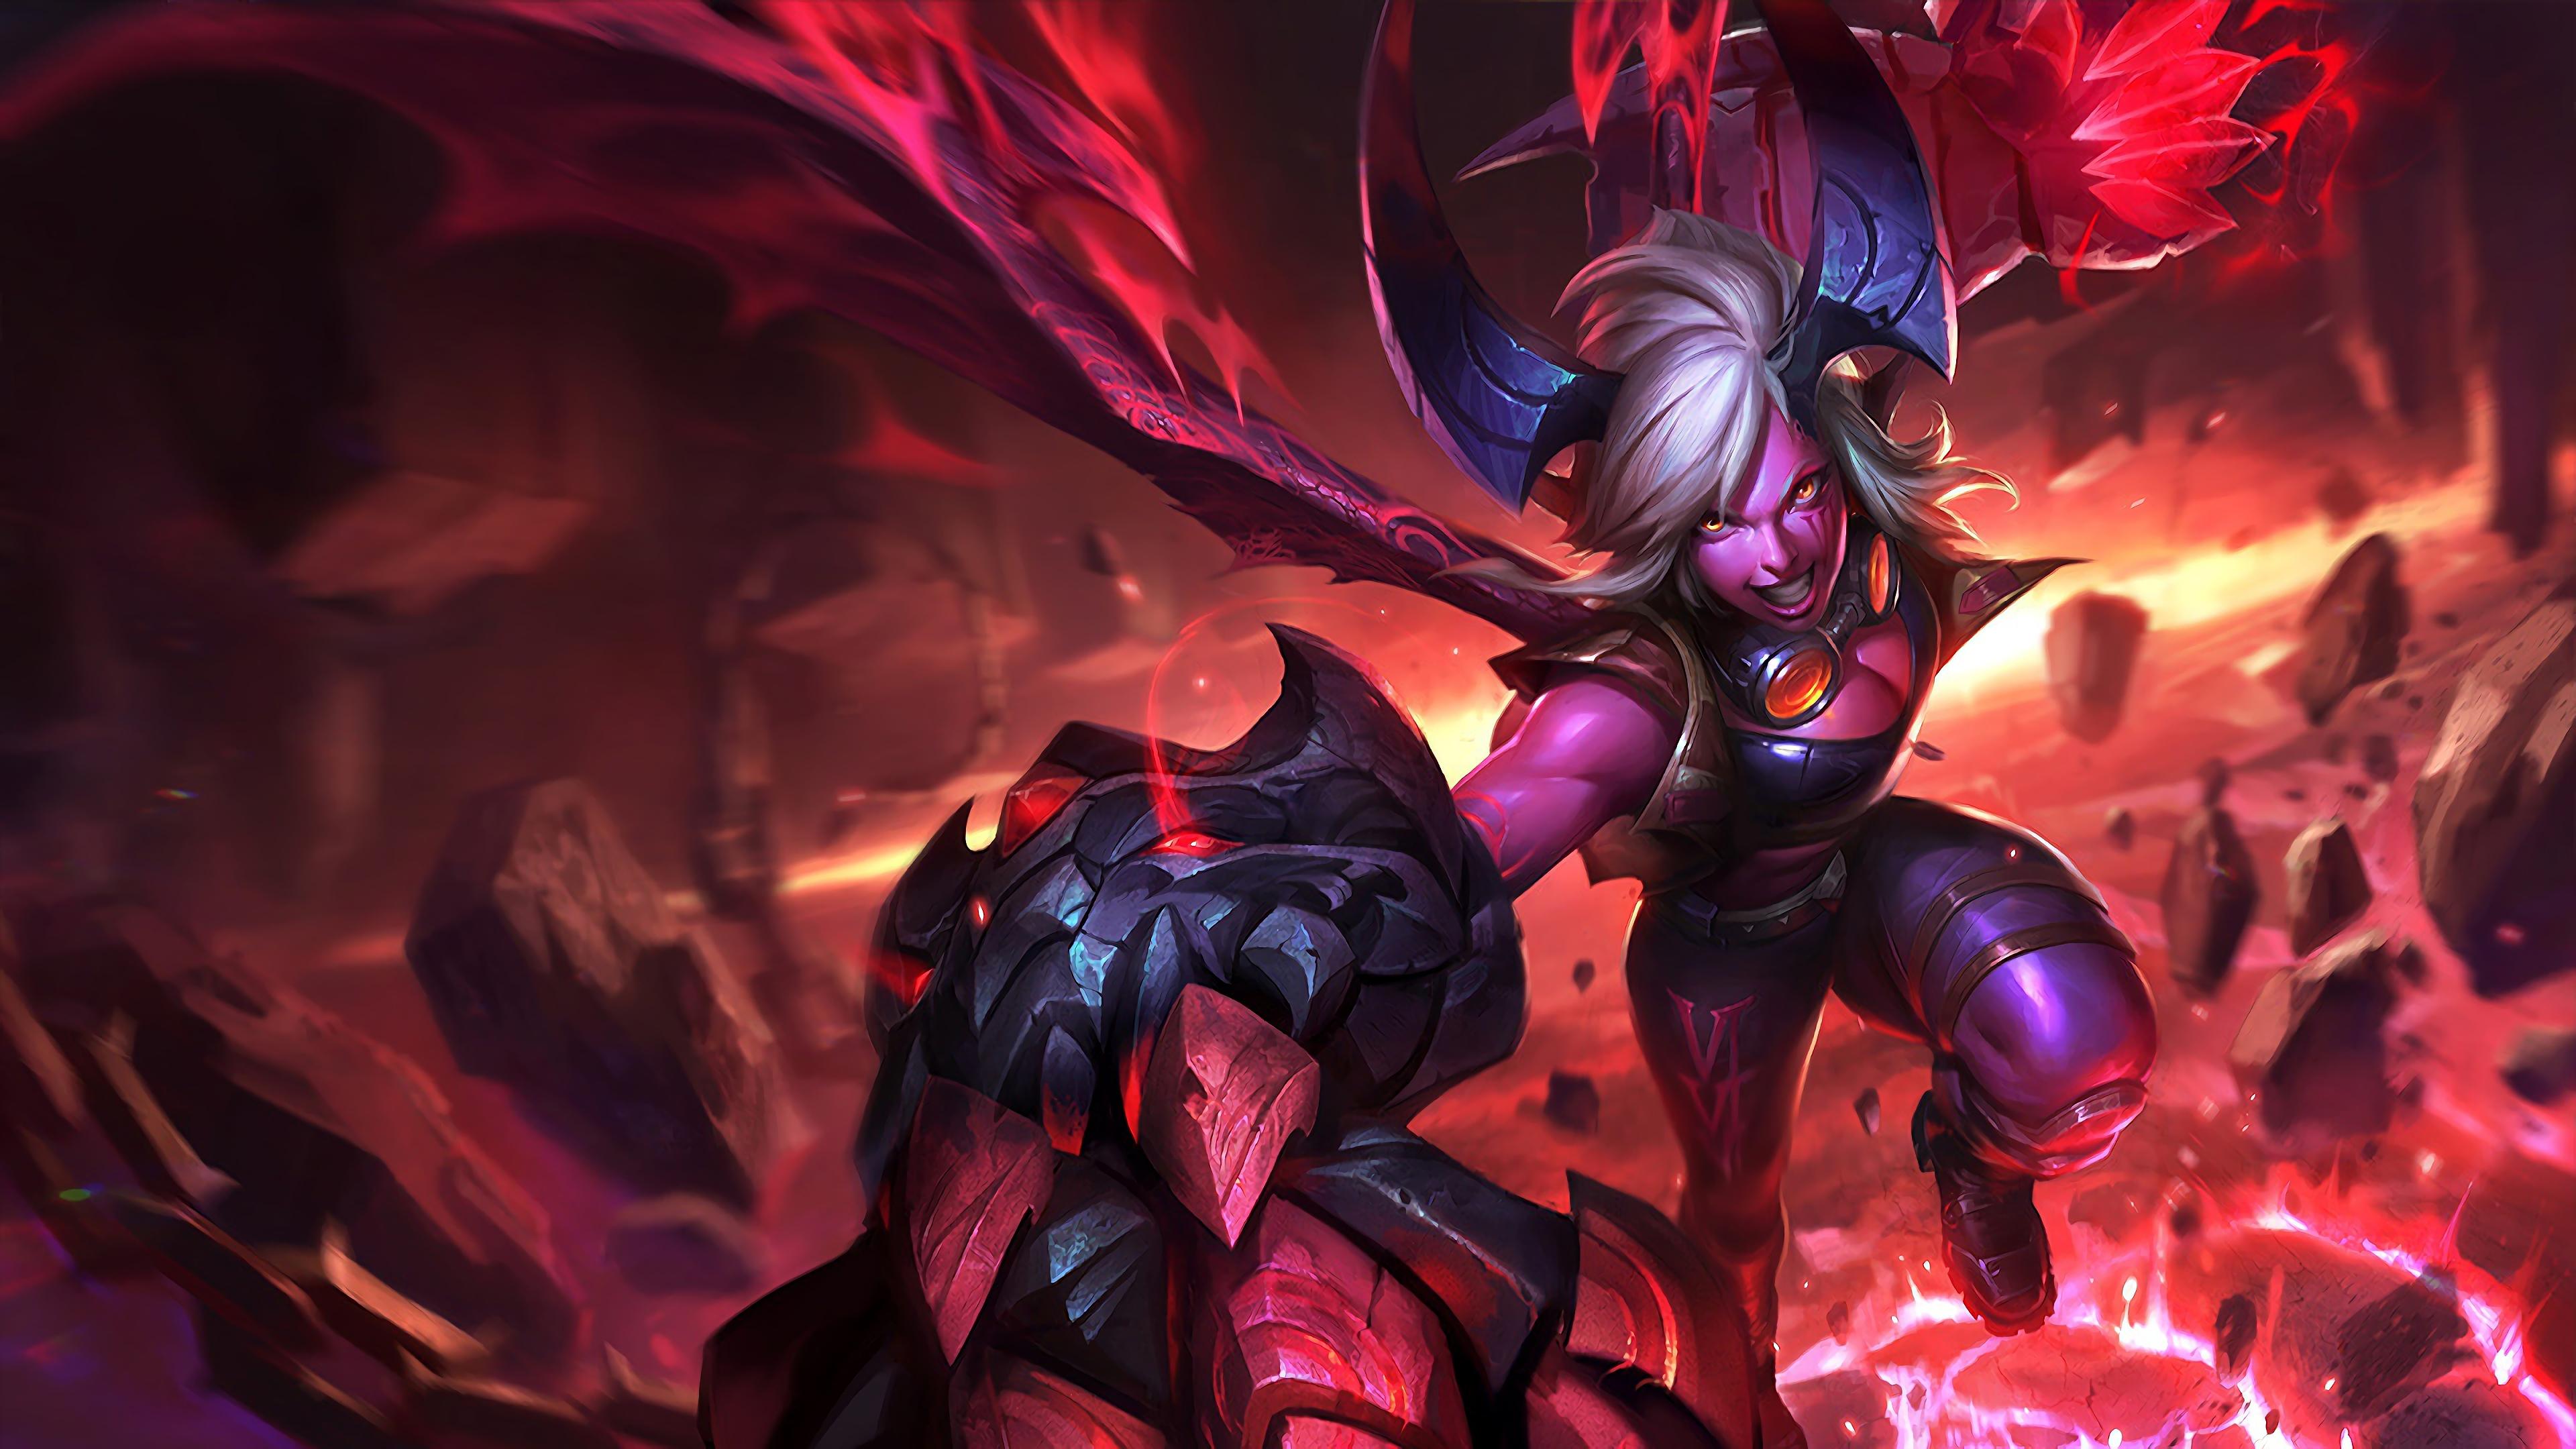 demon vi lol splash art league of legends 1574099723 - Demon Vi LoL Splash Art League of Legends - Vi, league of legends